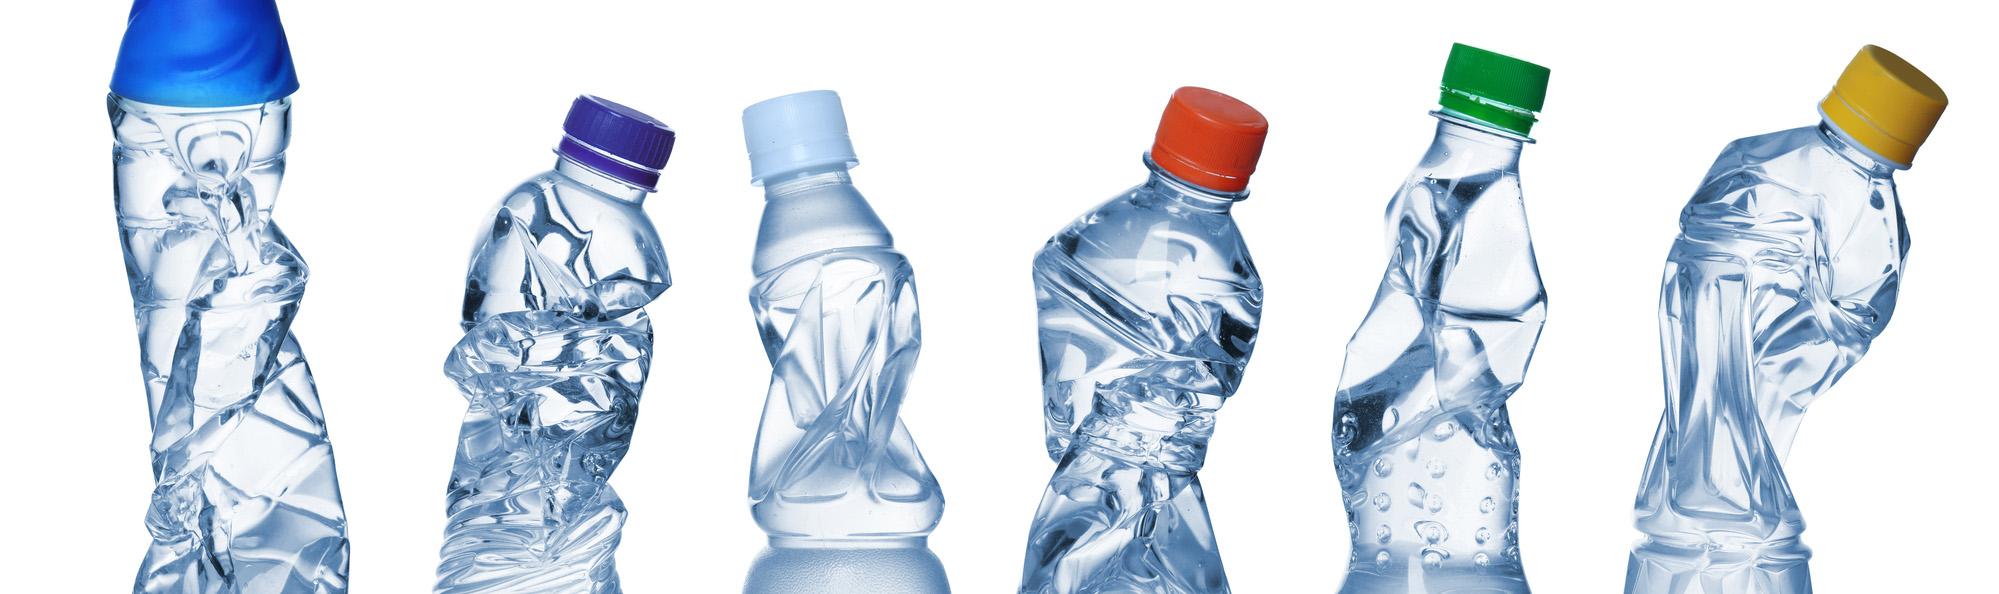 hoeveel plastic flesjes worden er wereldwijd per jaar weggegooid